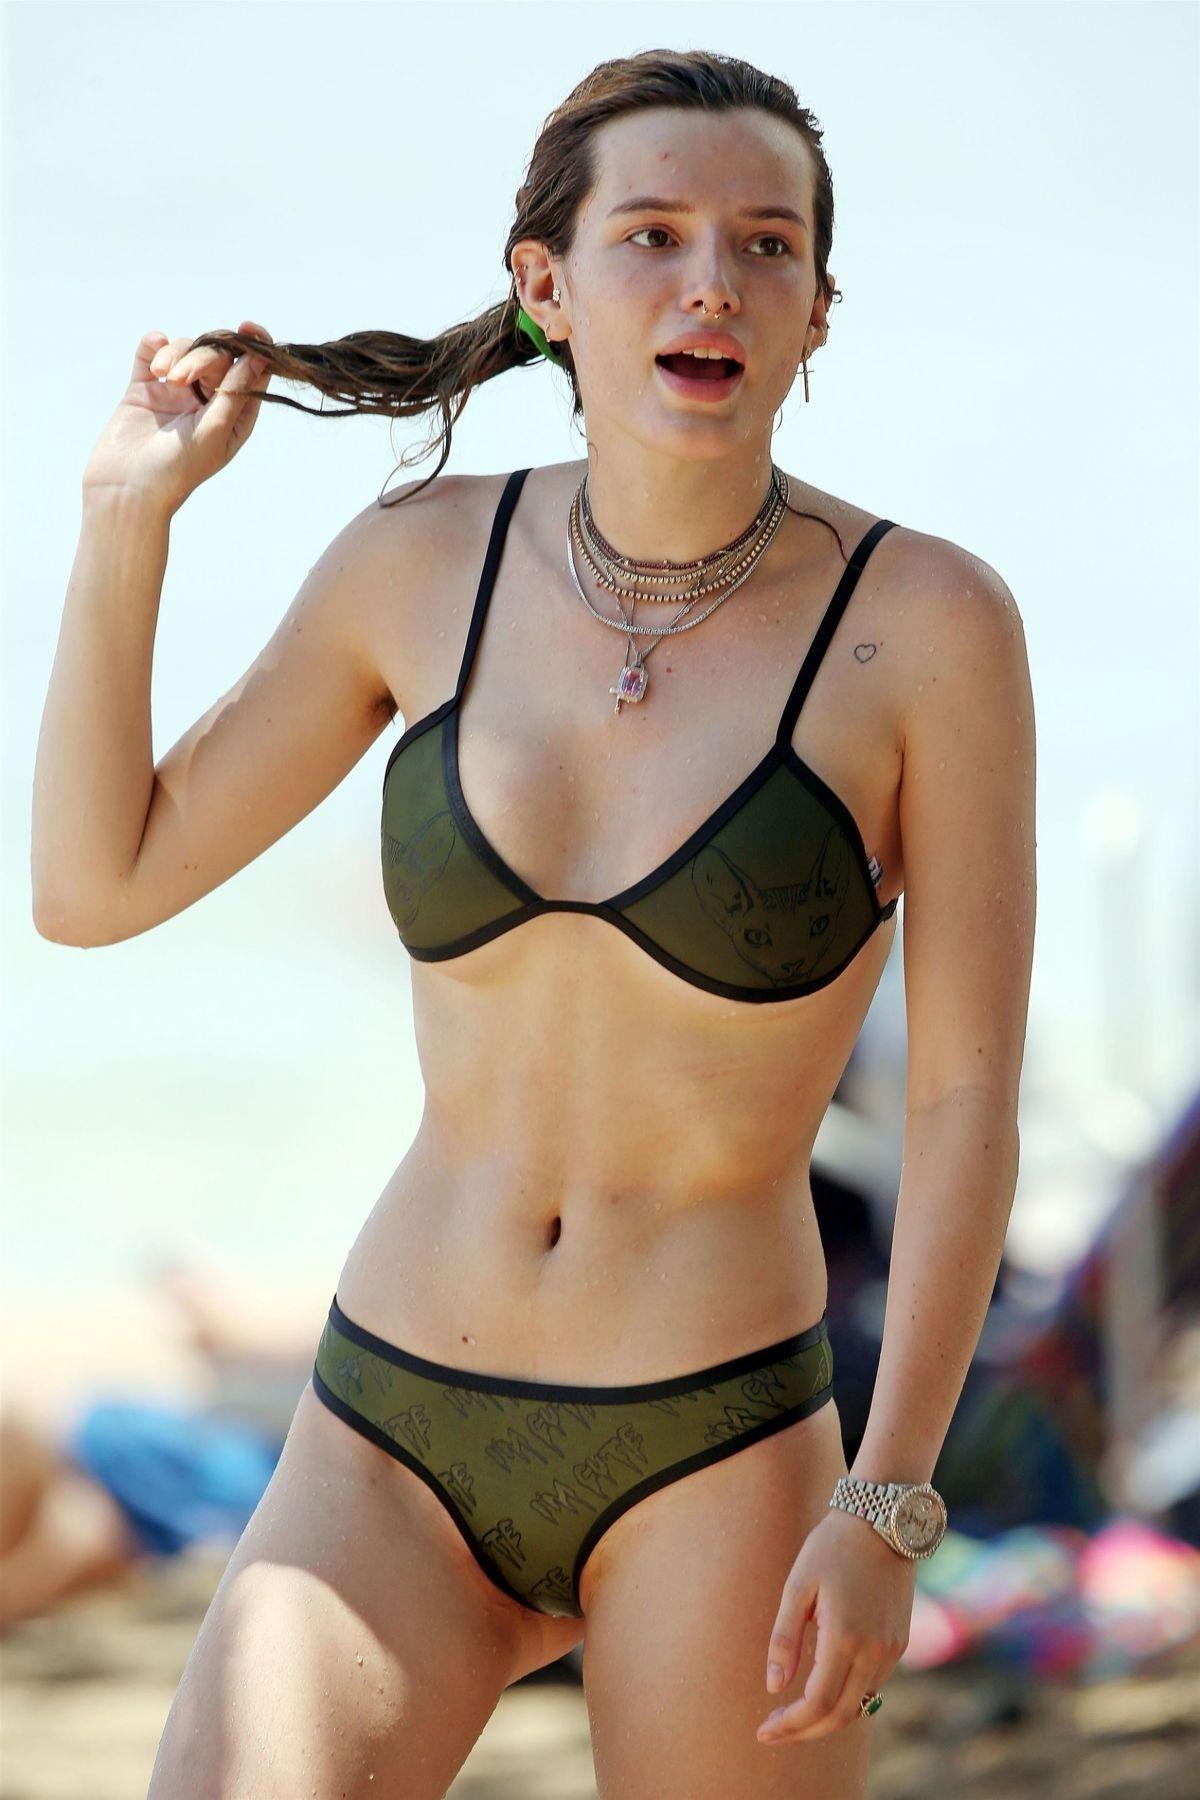 Bikini Bella Throne nude photos 2019